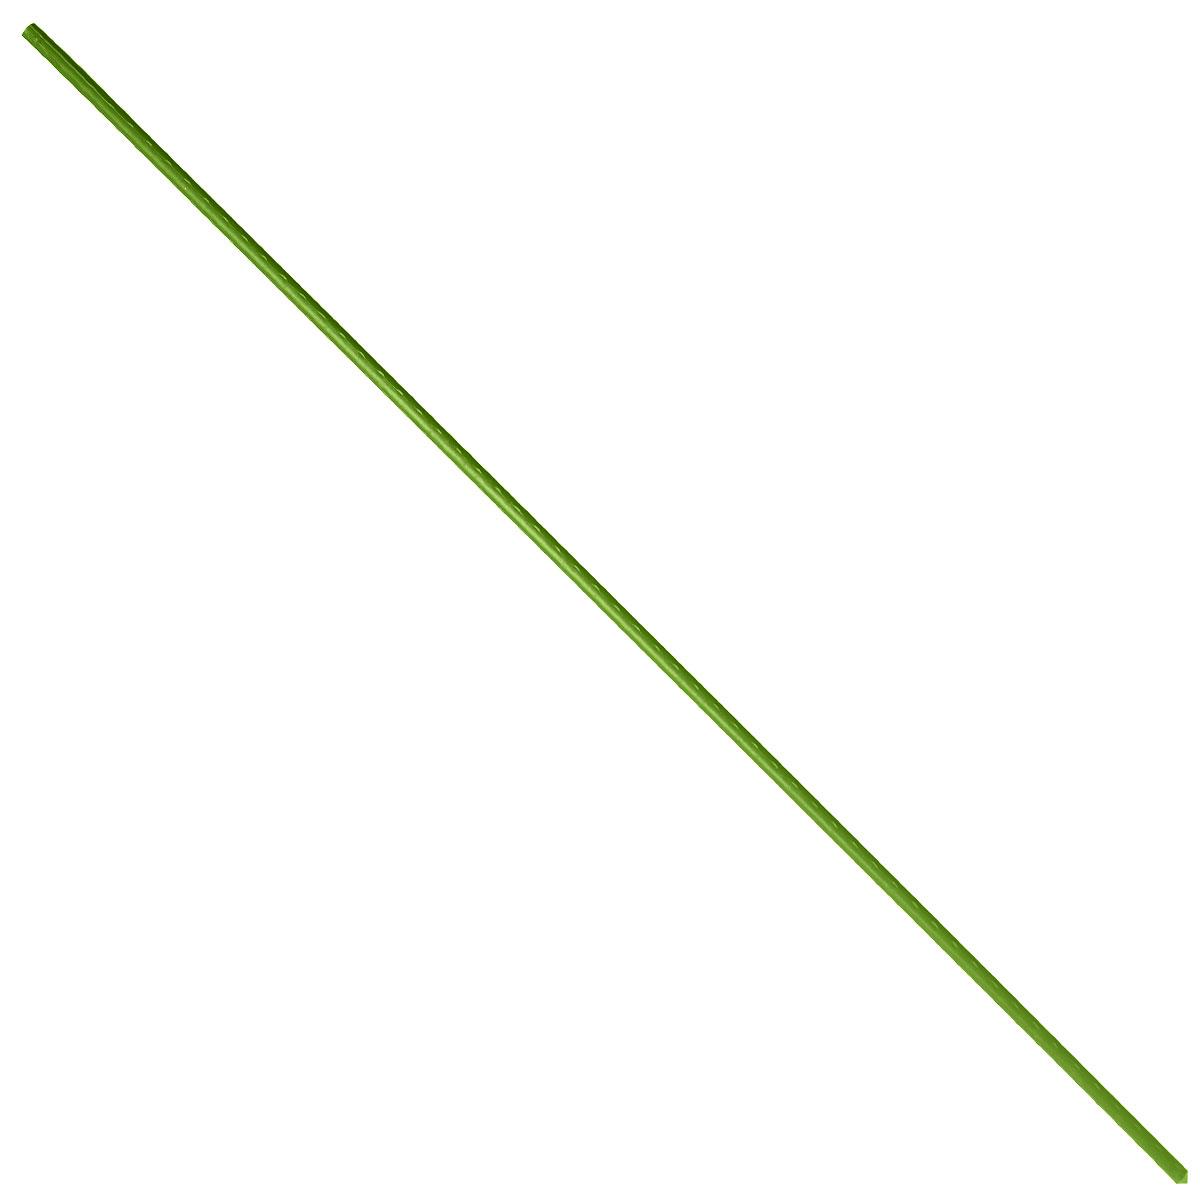 Опора для растений Green Apple, цвет: зеленый, диаметр 1,1 см, длина 90 см, 5 штZ-0307Опора для растений Green Apple выполнена из высококачественного металла, покрытого цветным пластиком. В наборе 5 опор, выполненных в виде ствола растения с шипами.Такие опоры широко используются для поддержки декоративных садовых и комнатных растений. Также могут применятся для поддержки вьющихся растений в парниках.Длина опоры: 90 см.Диаметр опоры: 1,1 см.Комплектация: 5 шт.